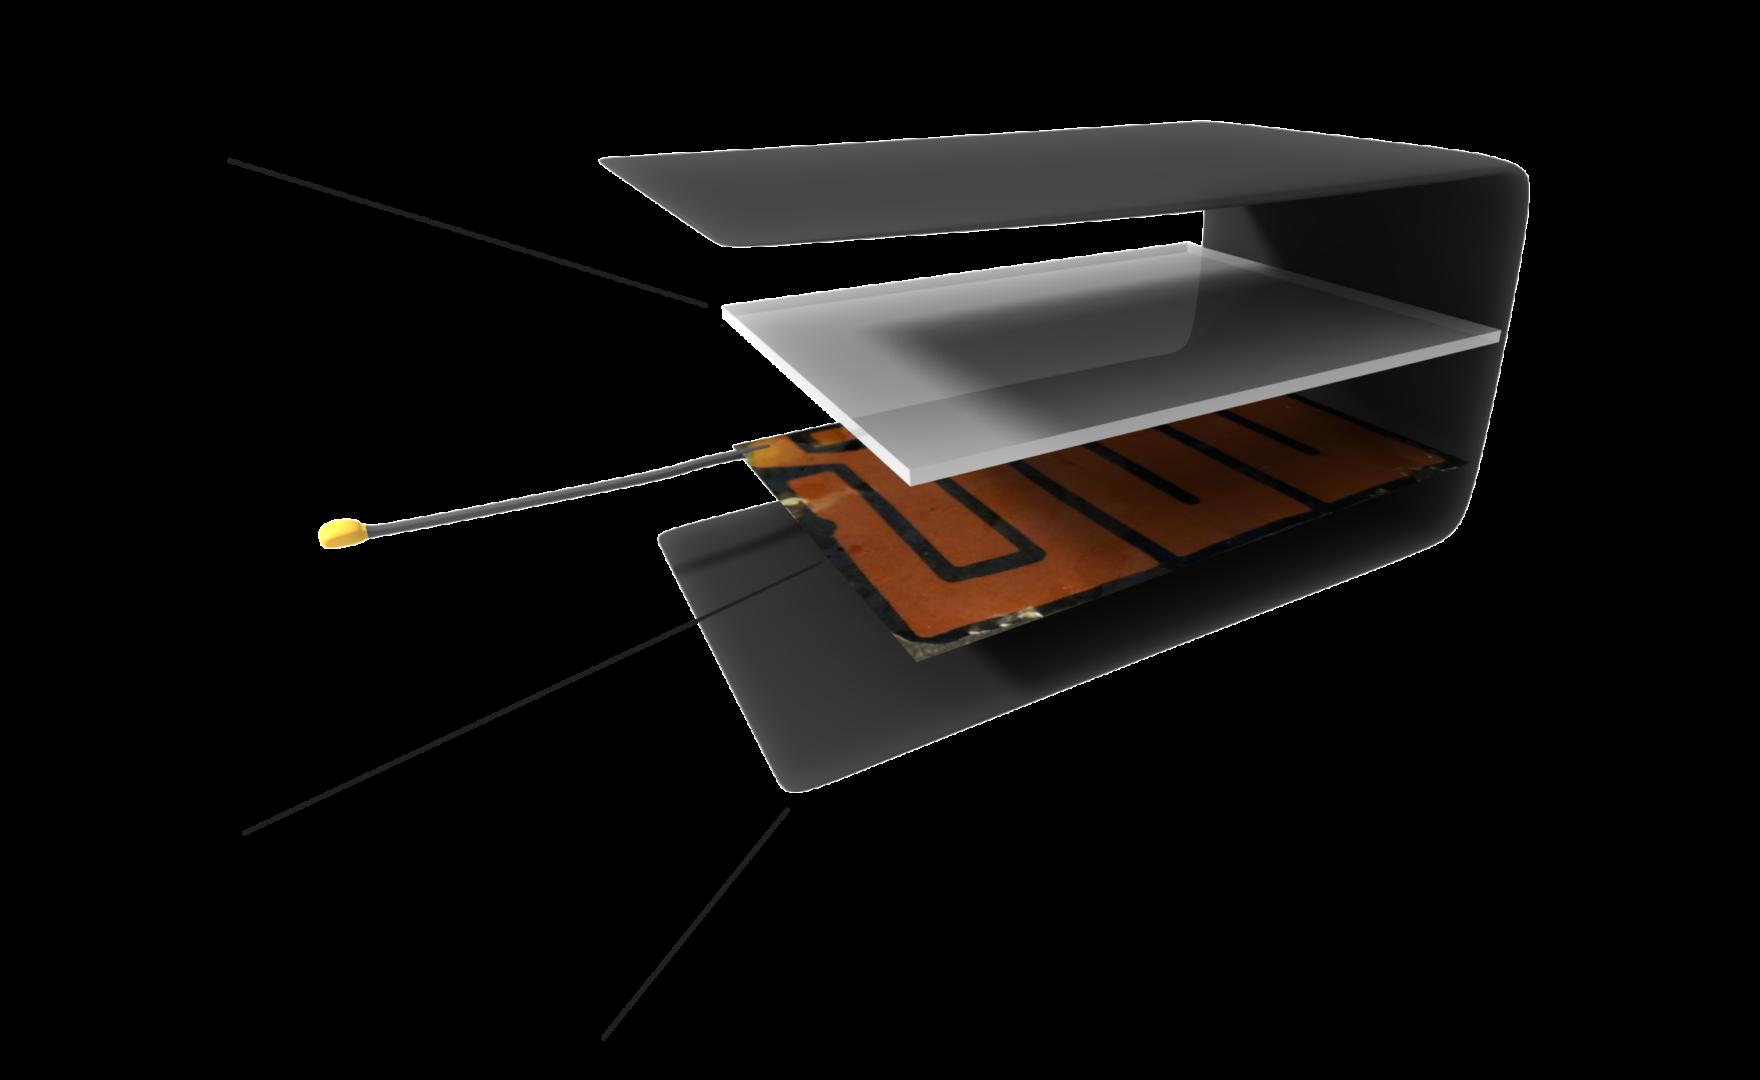 3. external antenna explode lables